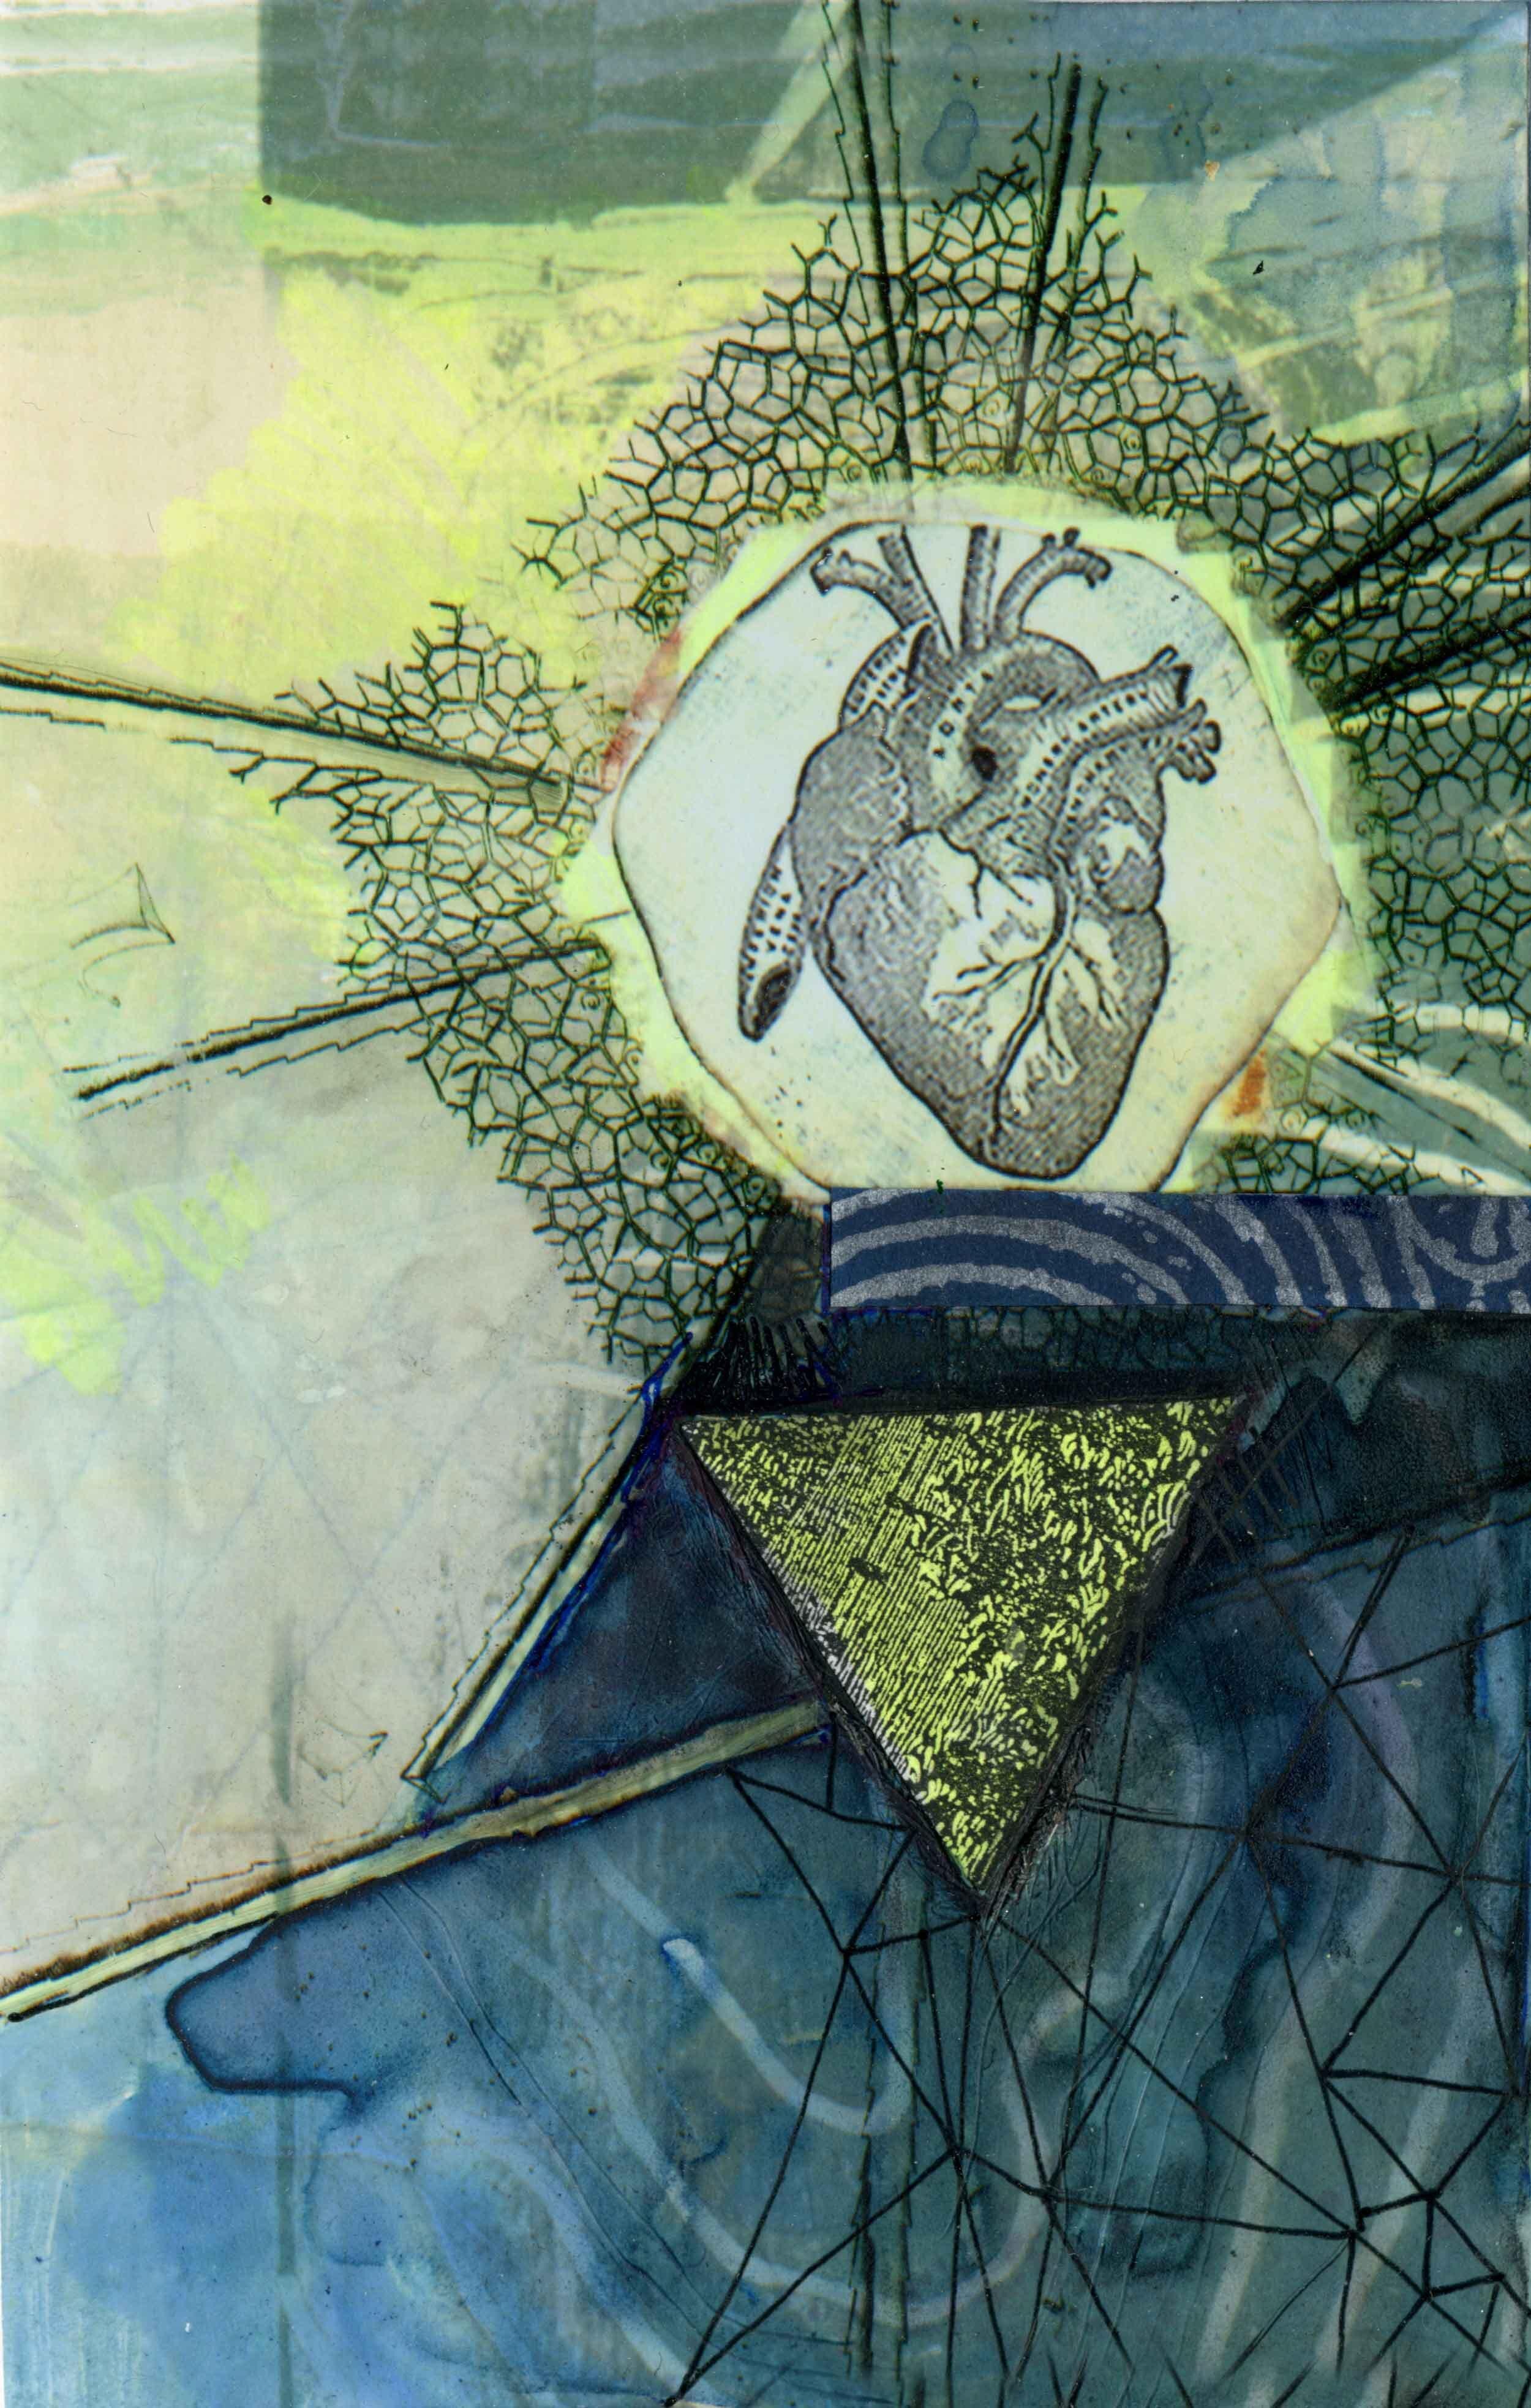 Heartbeat_web.jpg